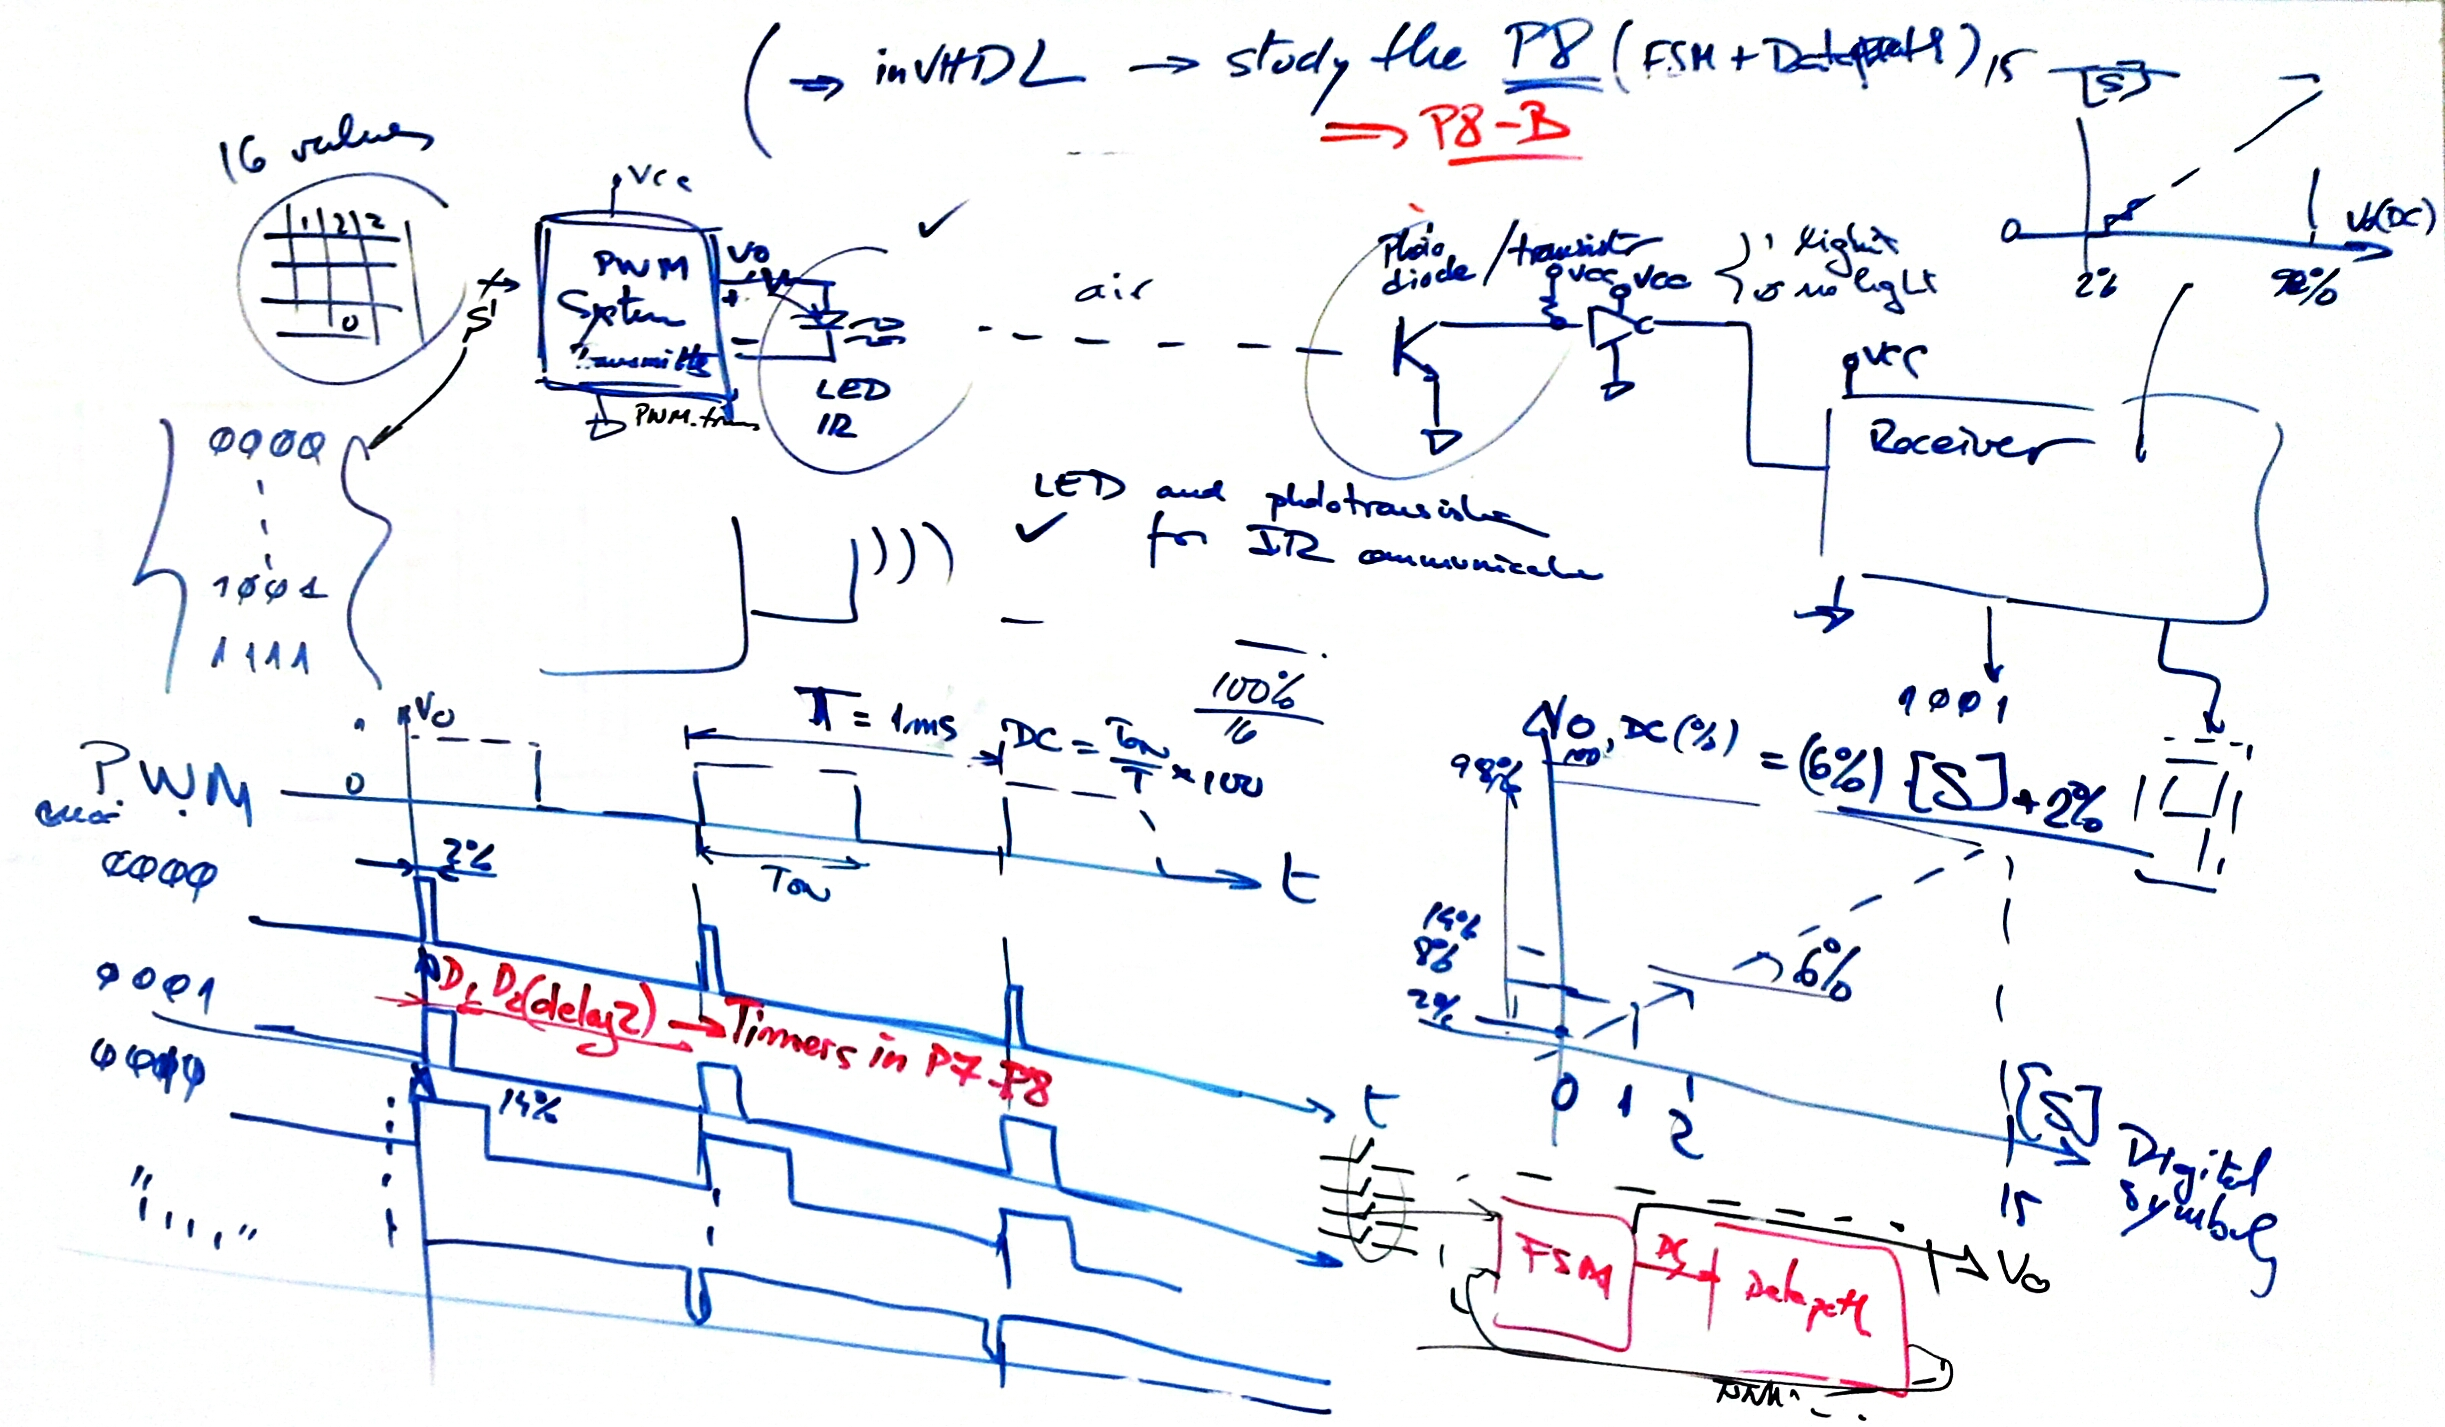 Digital Circuits and Systems - Circuits i Sistemes Digitals